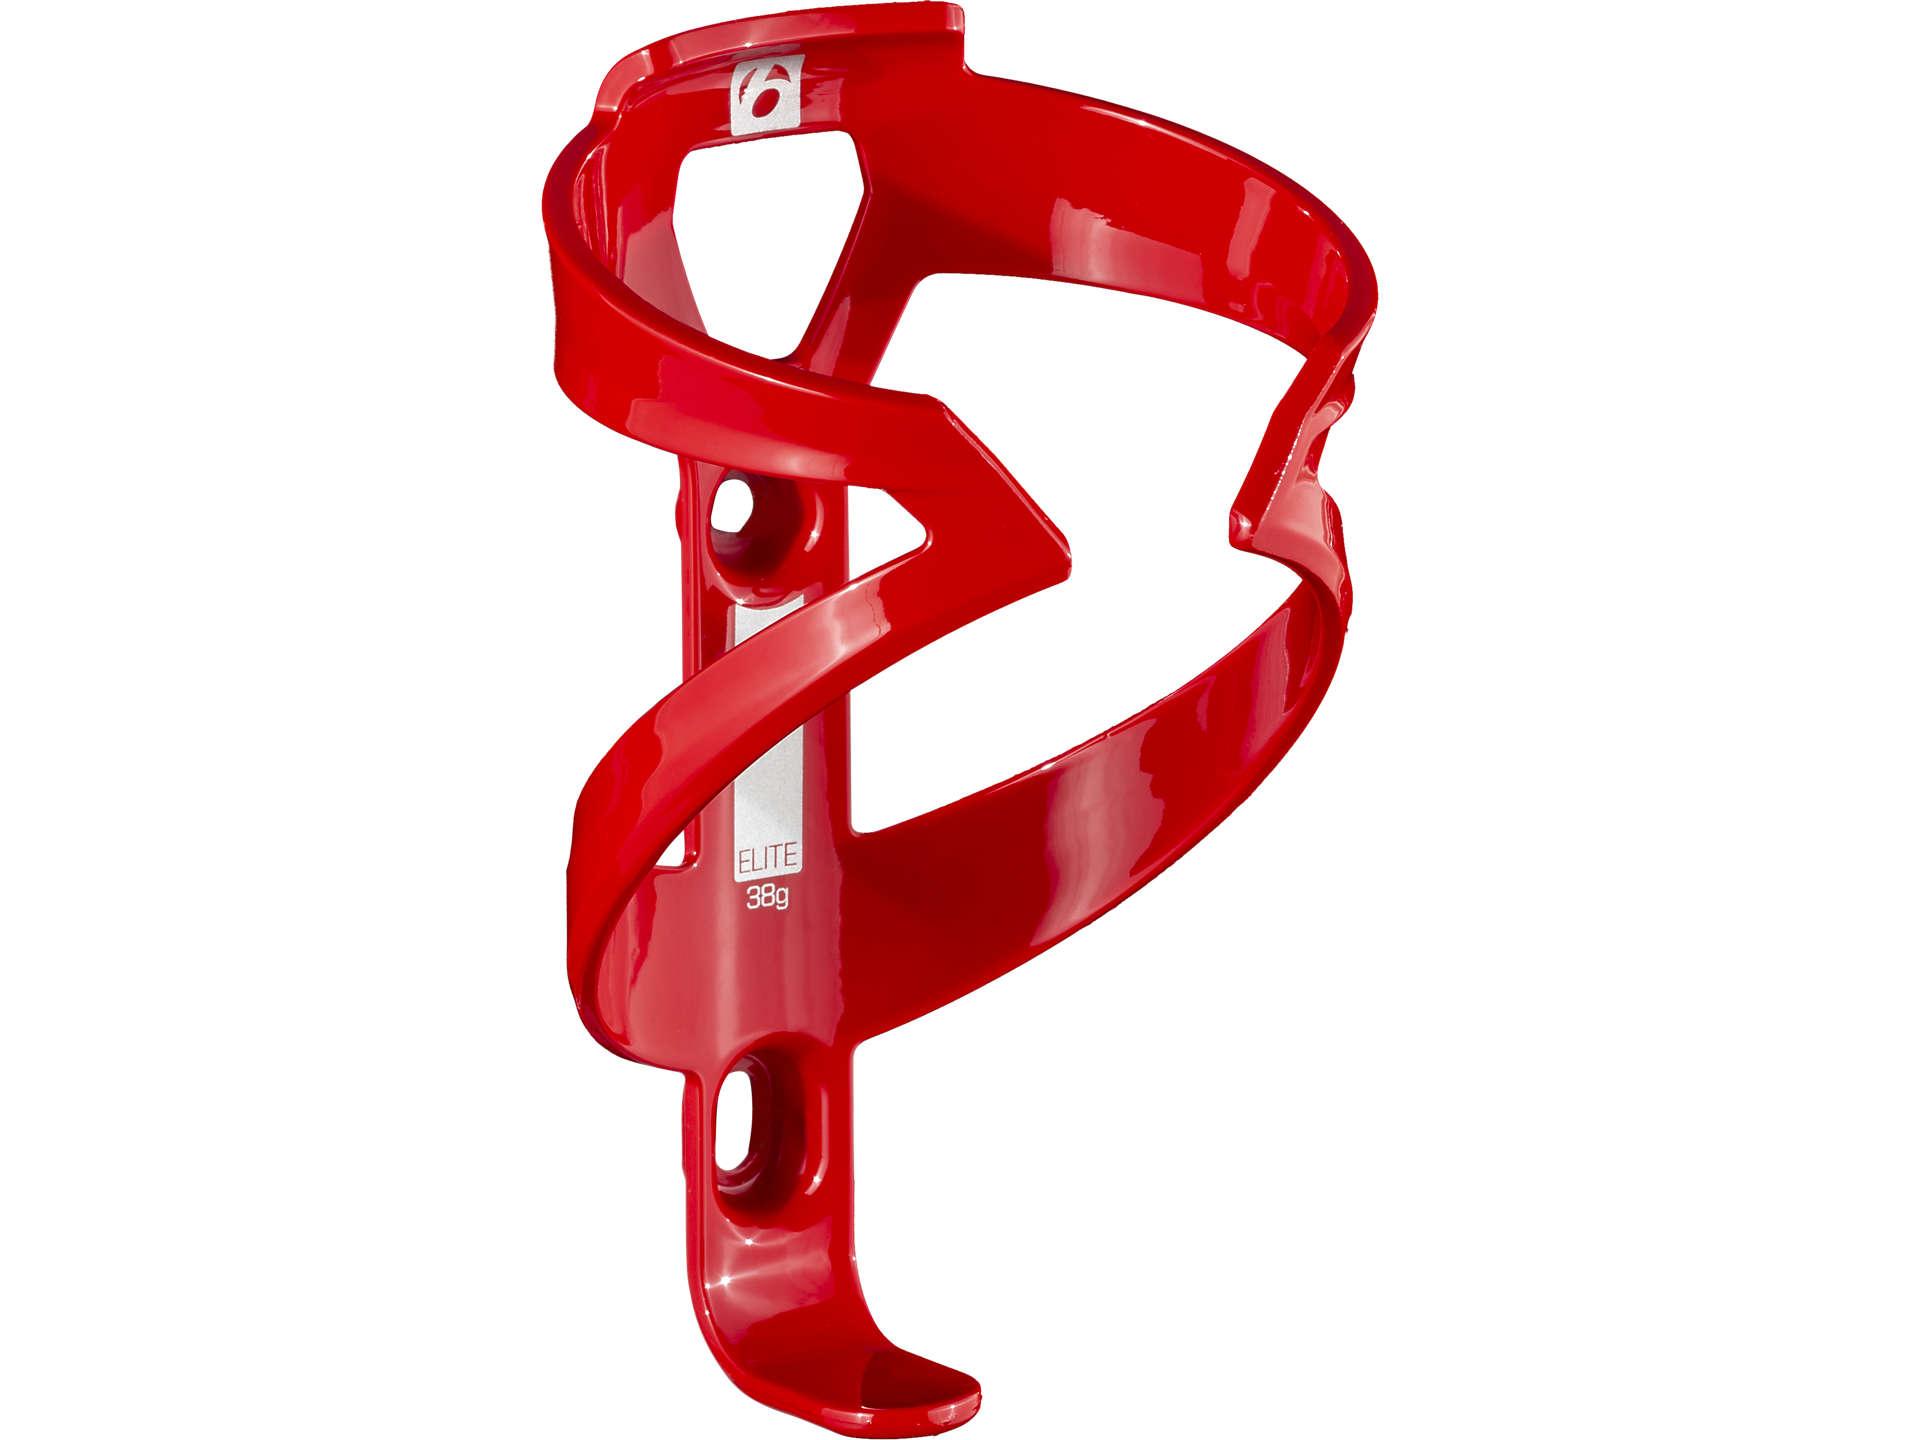 bontrager elitecage red